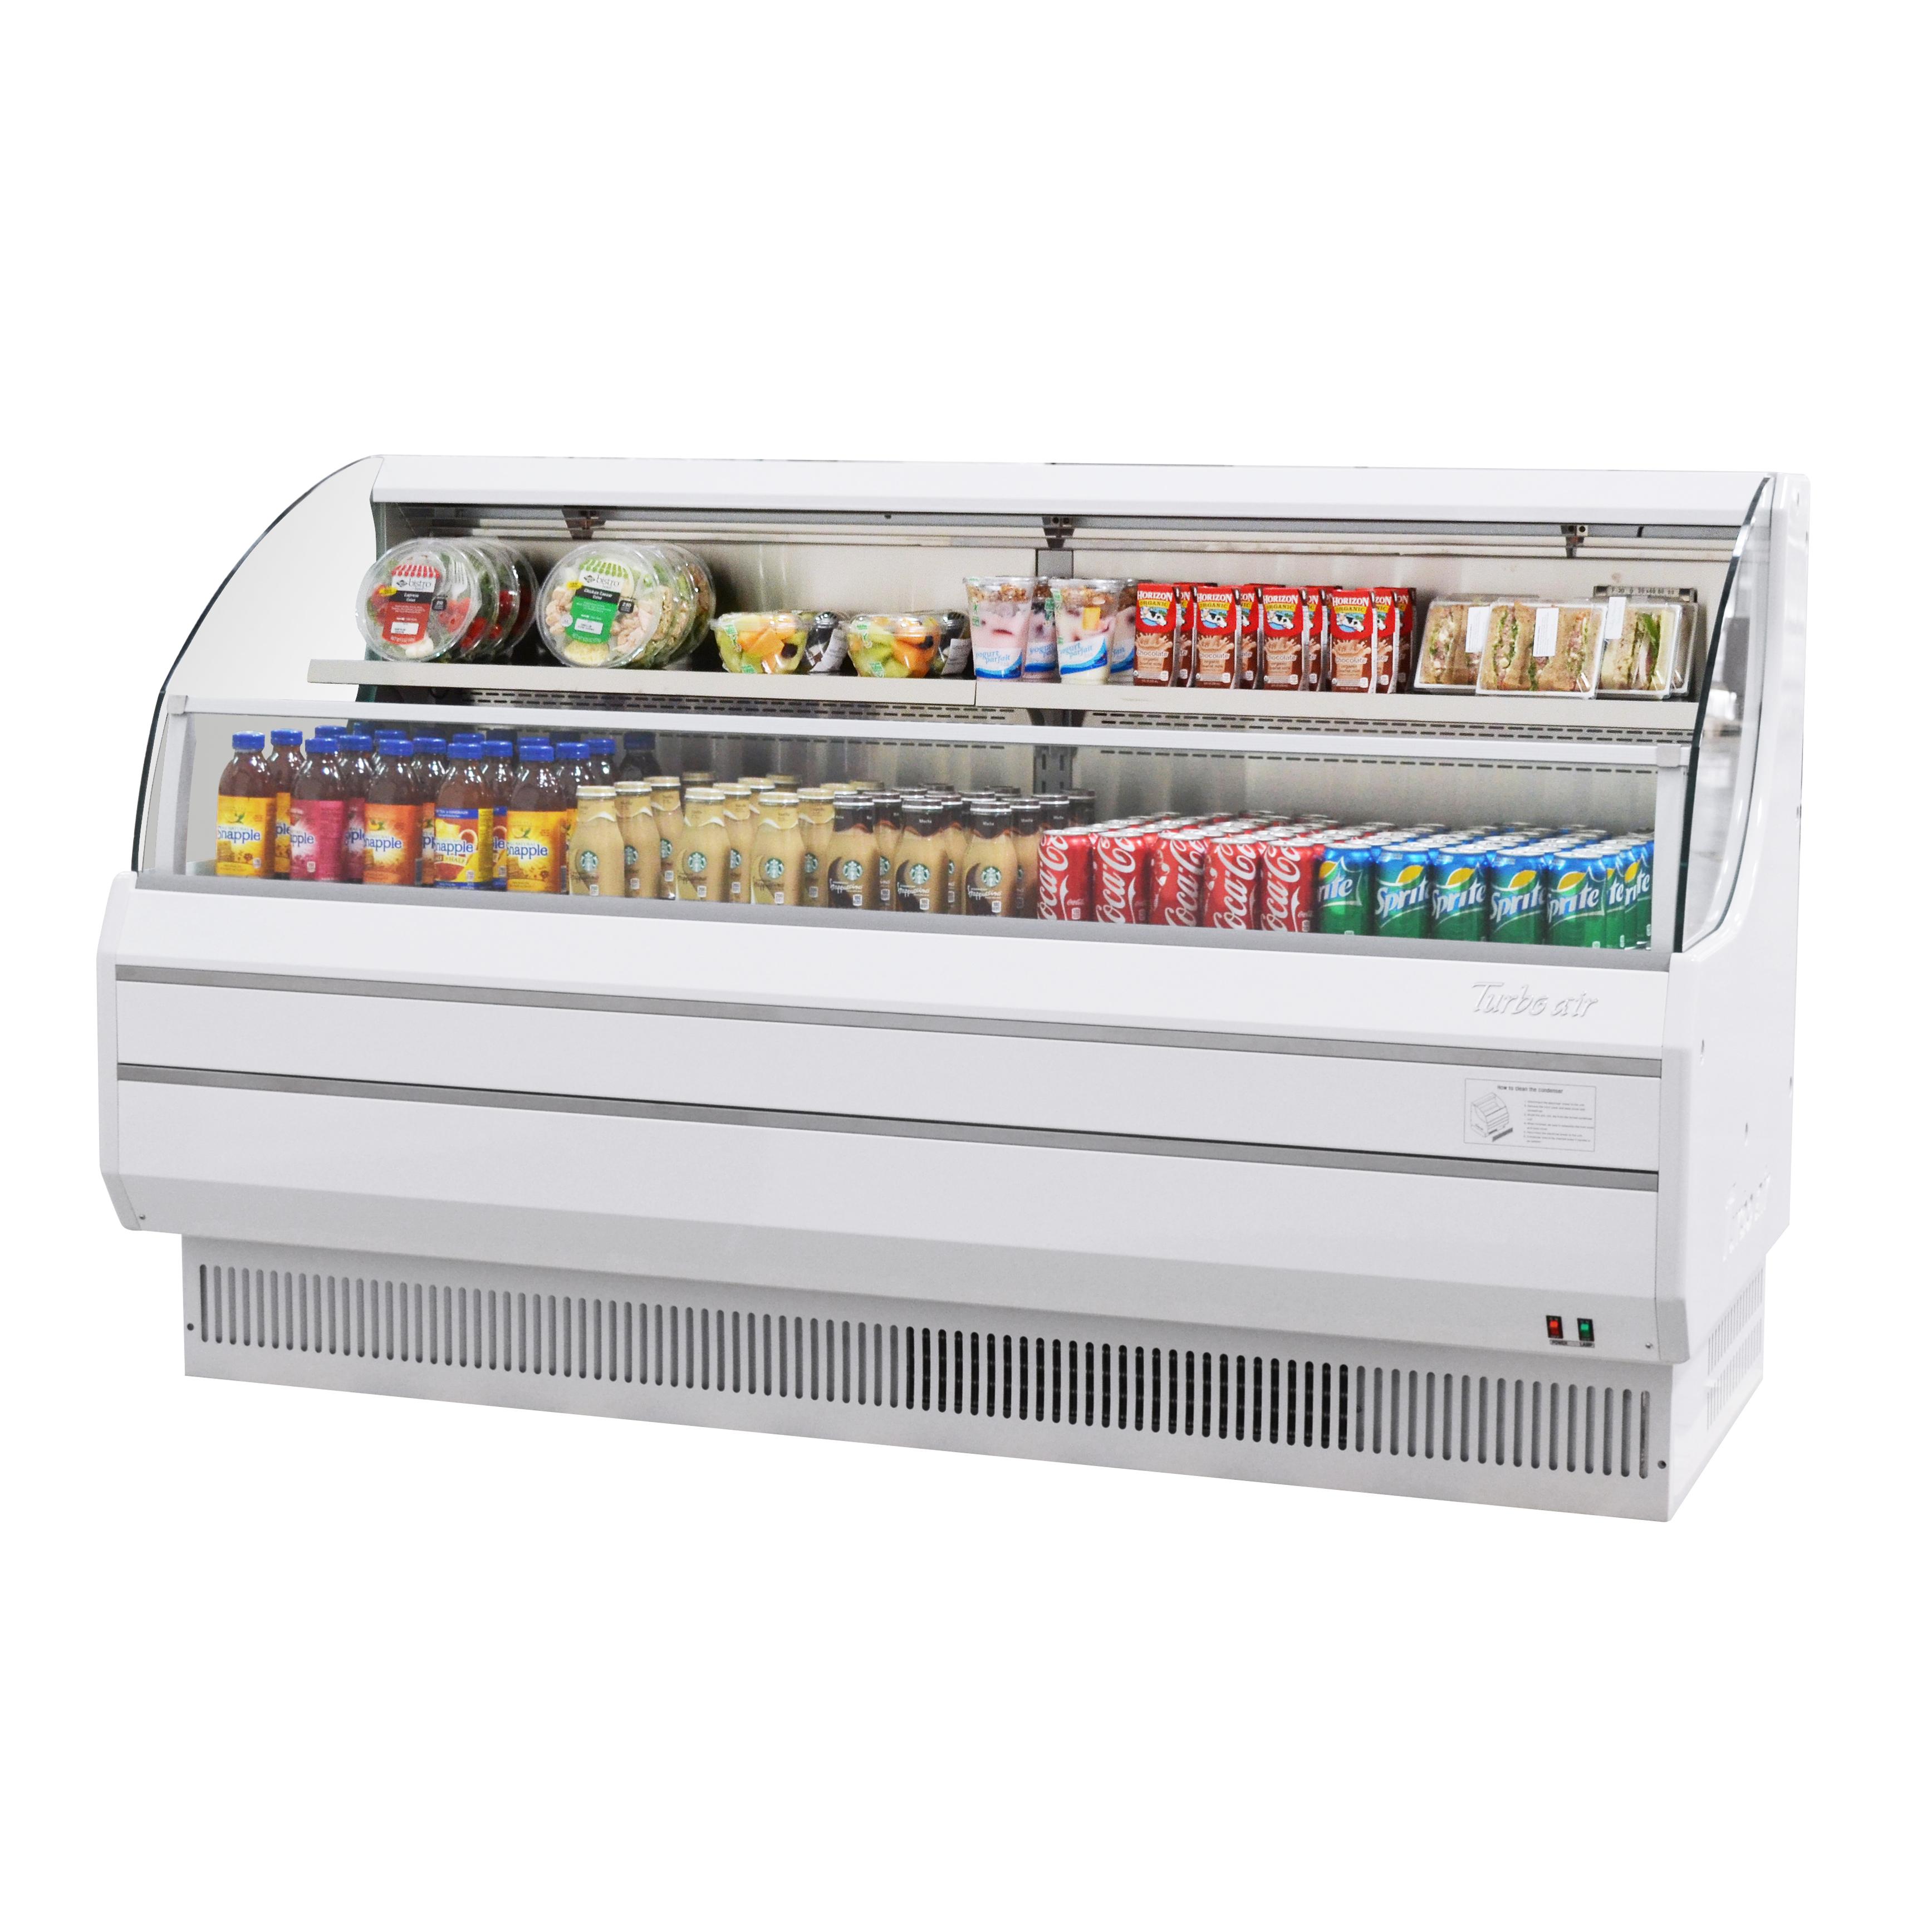 Turbo Air TOM-75LW-N merchandiser, open refrigerated display